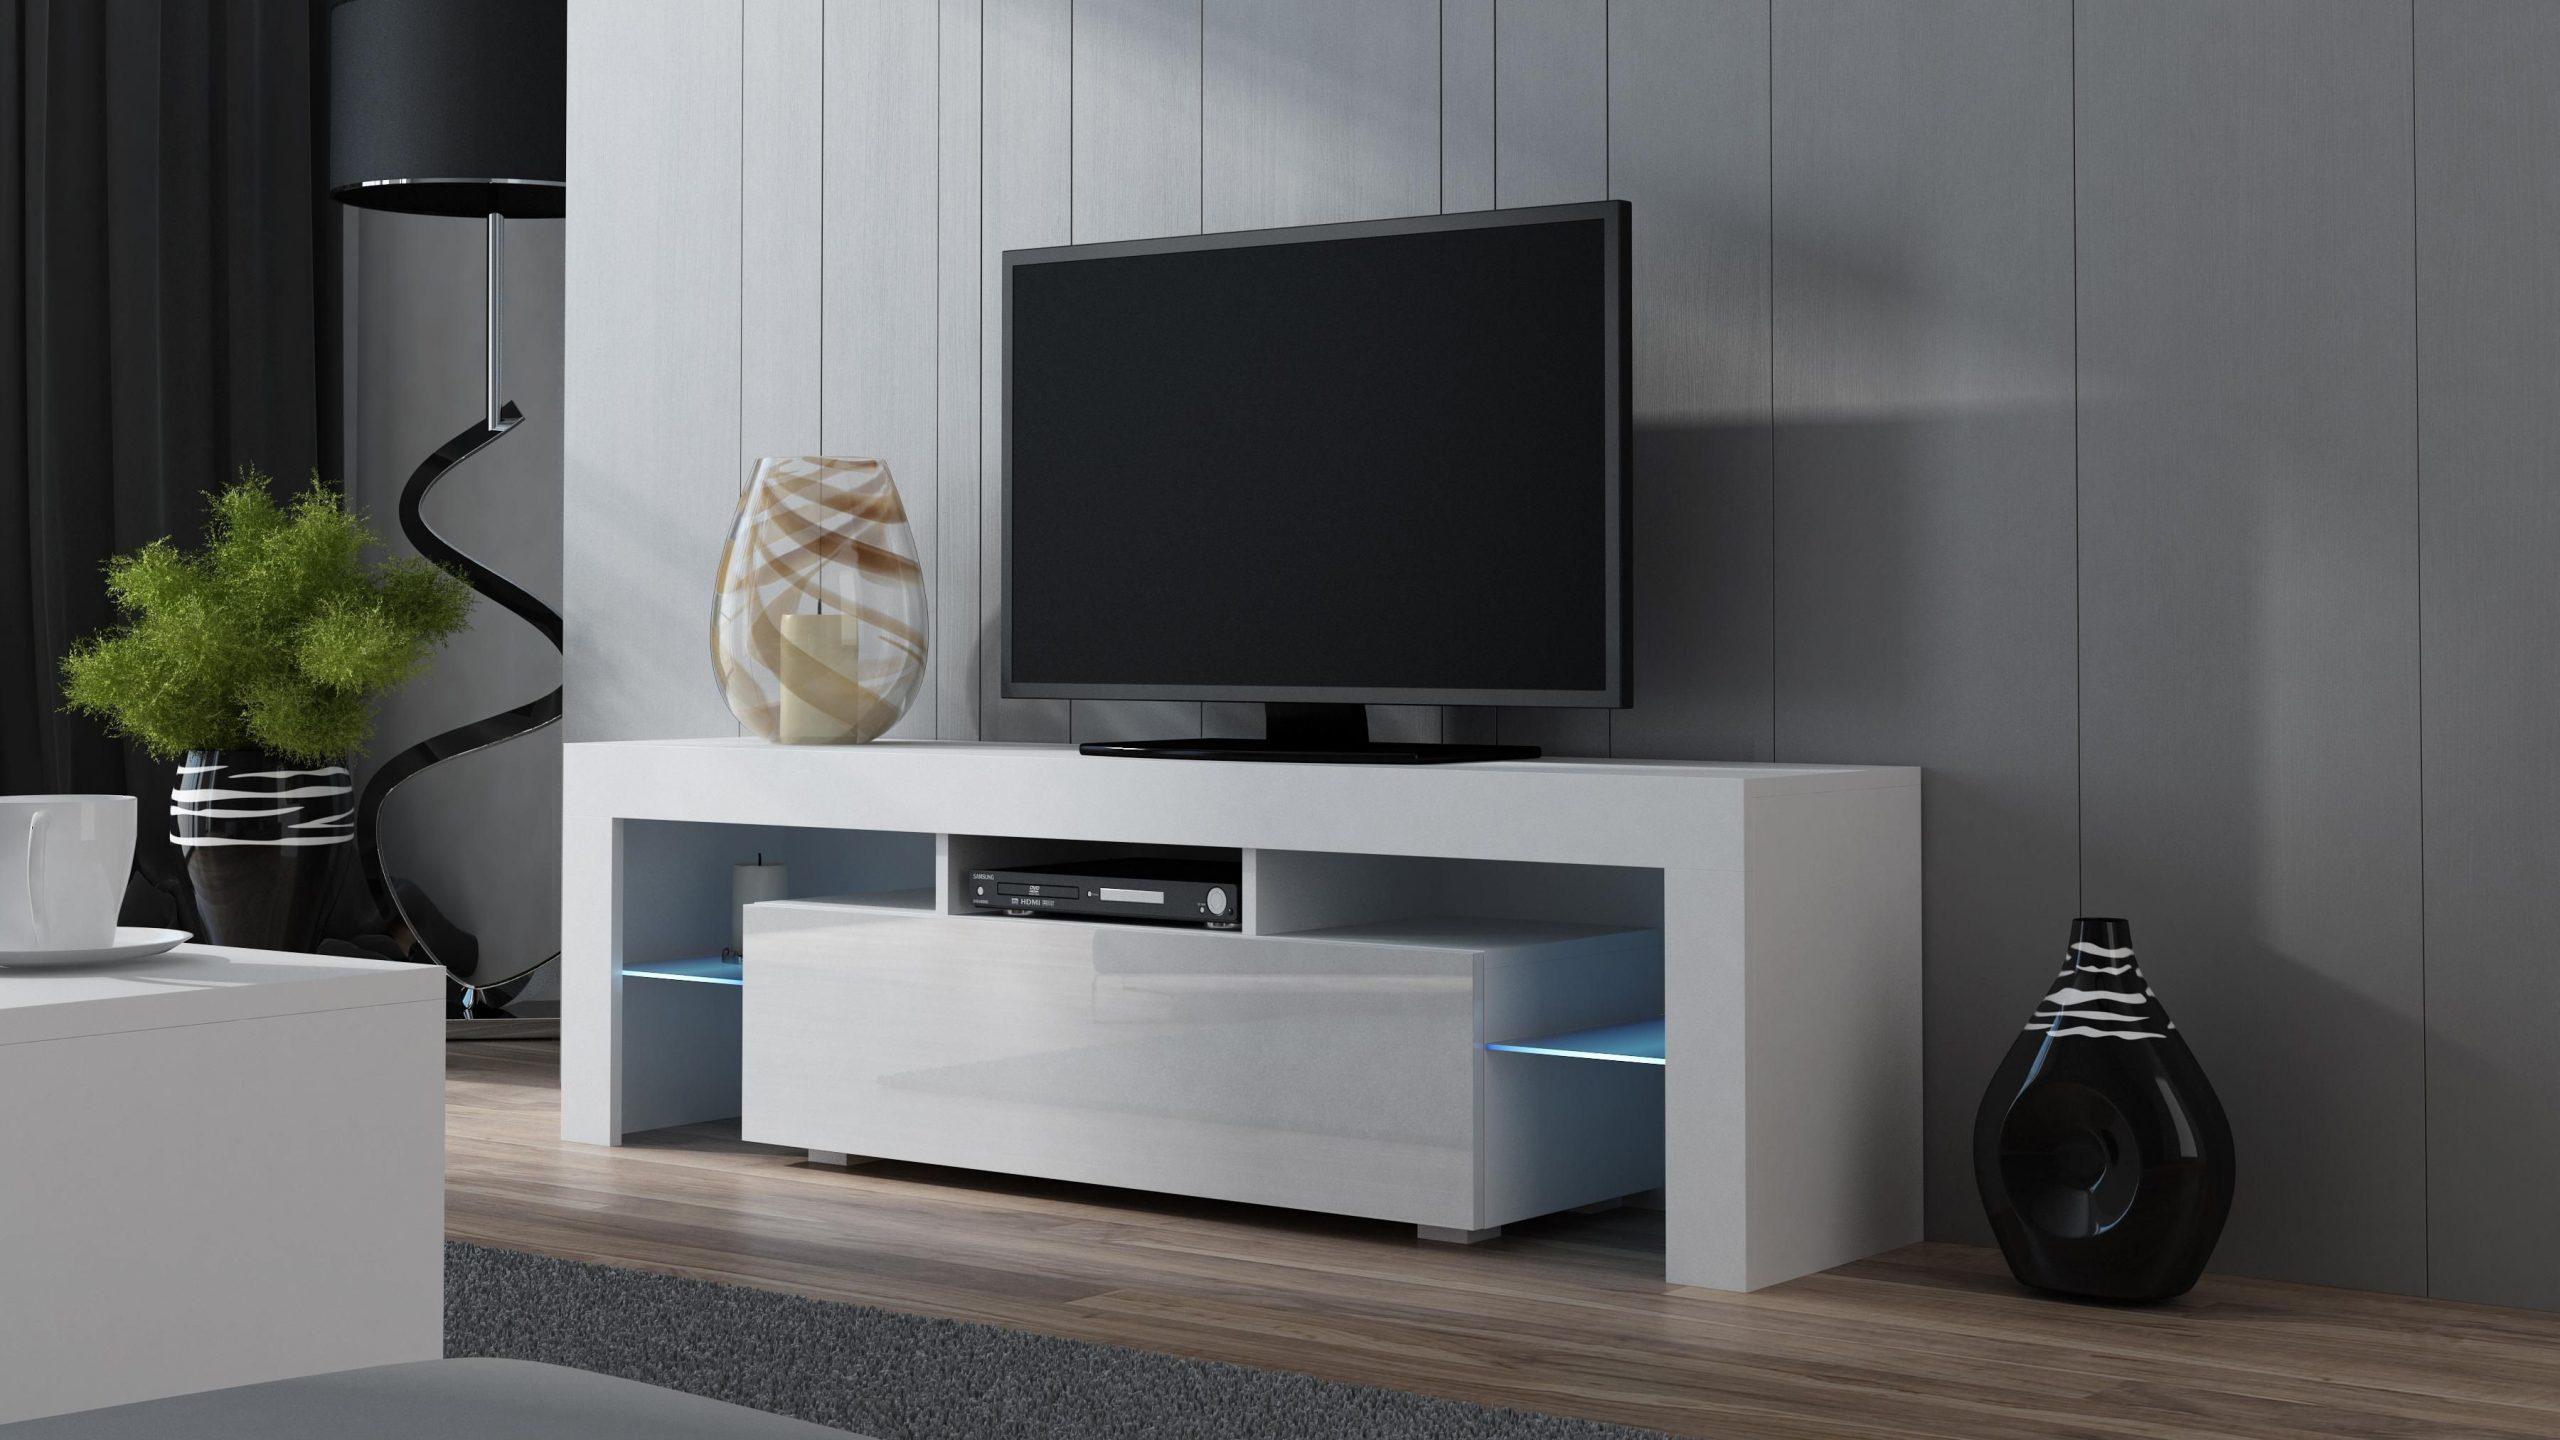 Meuble Tv 300 Meuble Tv 300 Cm Banc Tv Bois Special Meuble destiné Meuble Tv 300 Cm Conforama